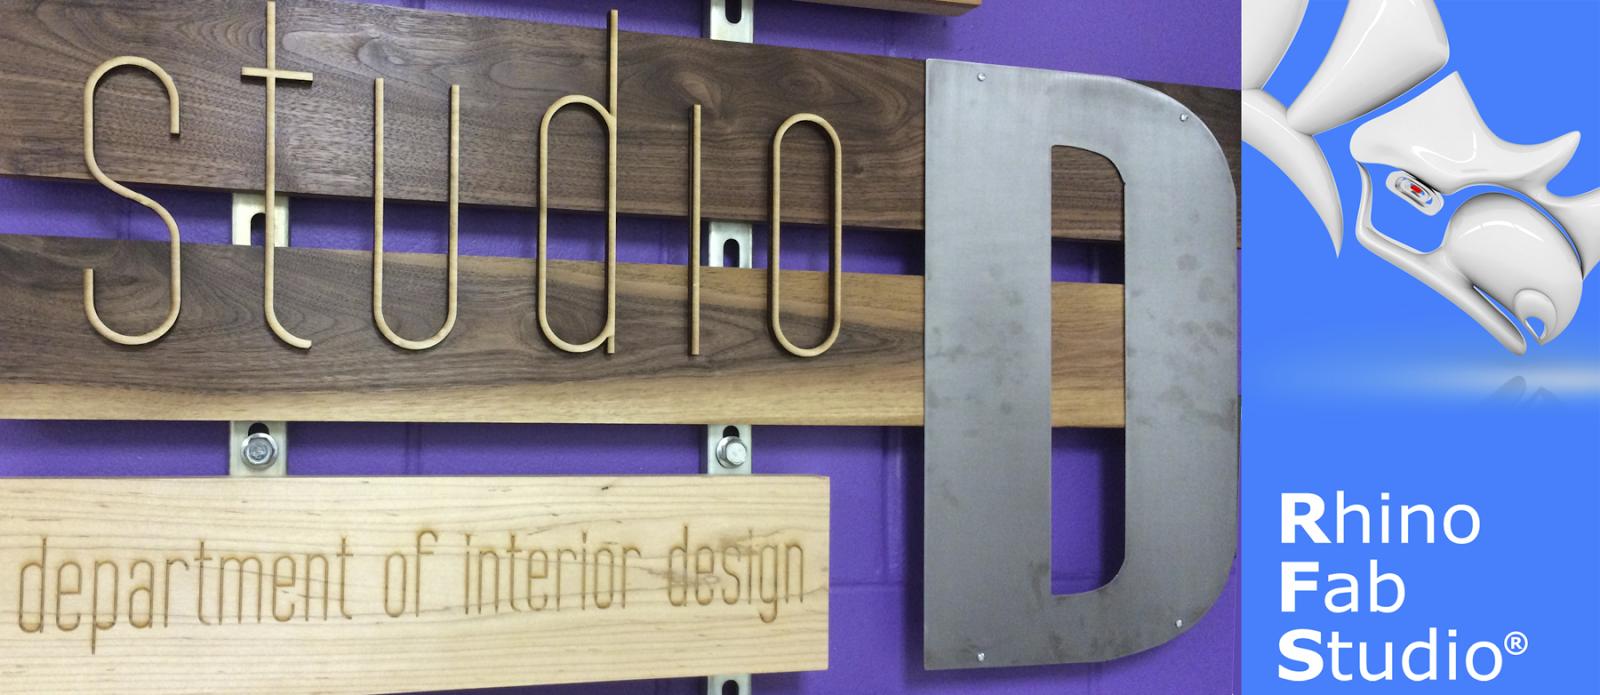 Studio D Design And Fabrication Lab Department Of Interior Design